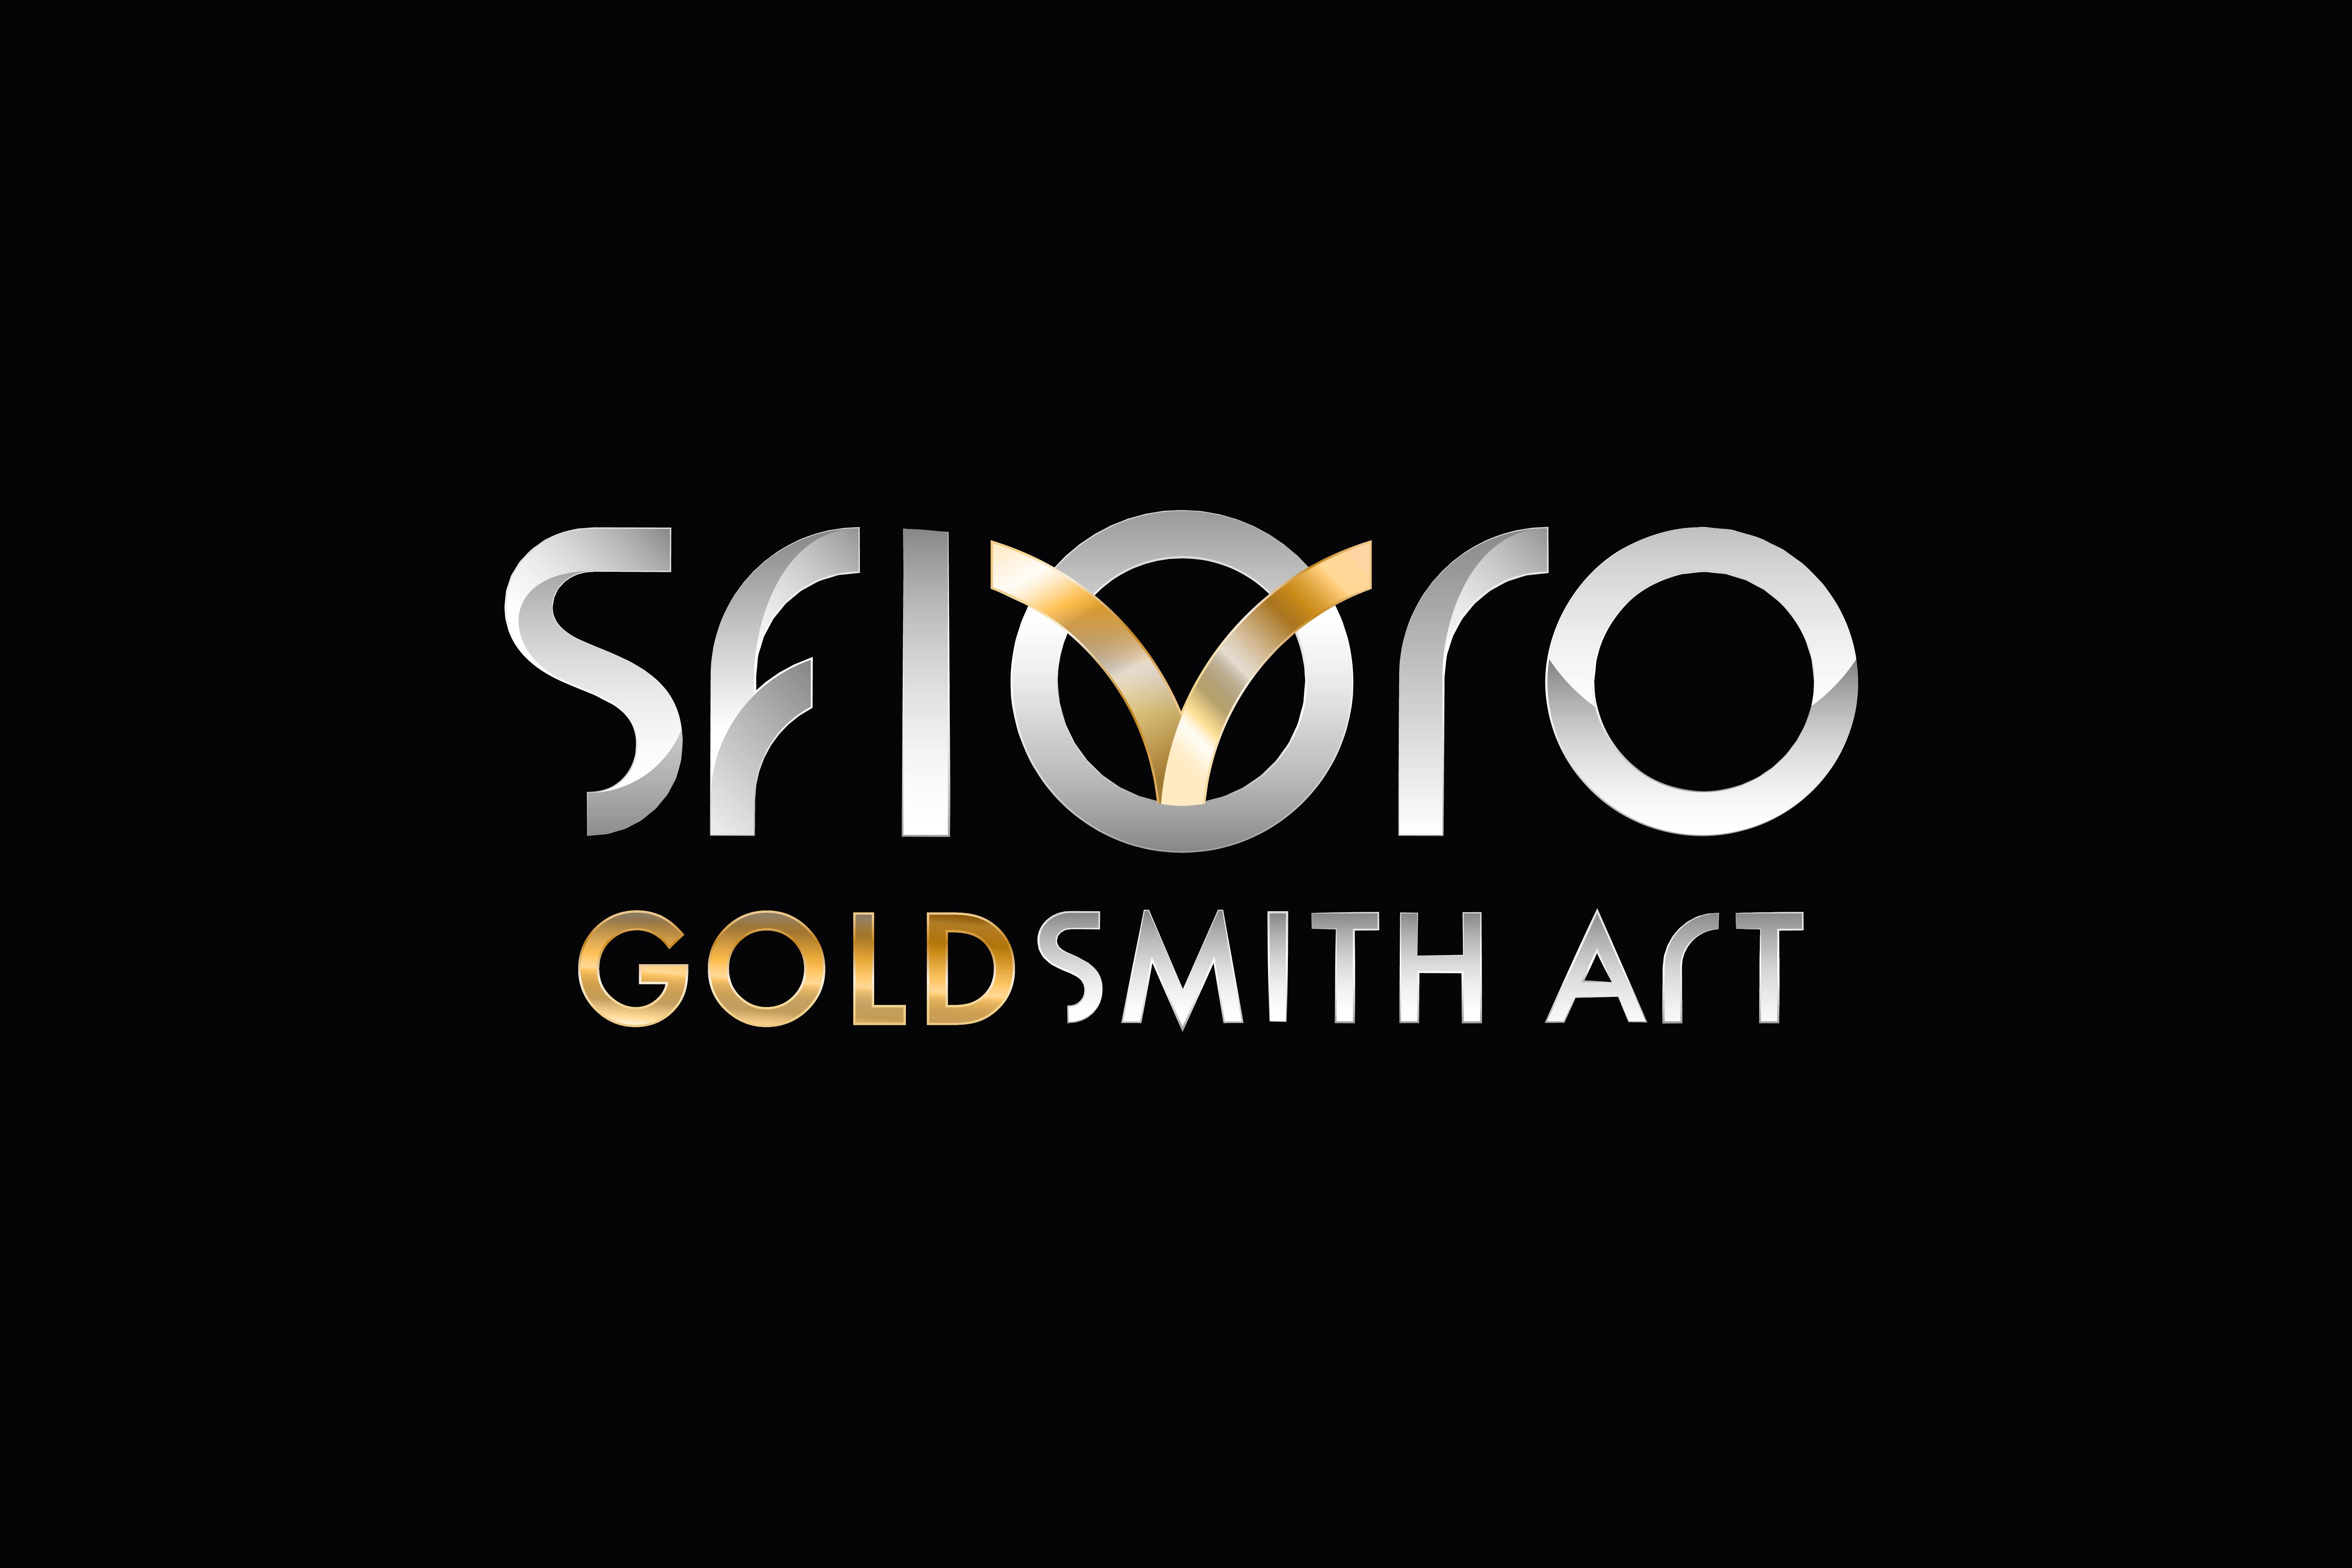 logo_sfioro_wix